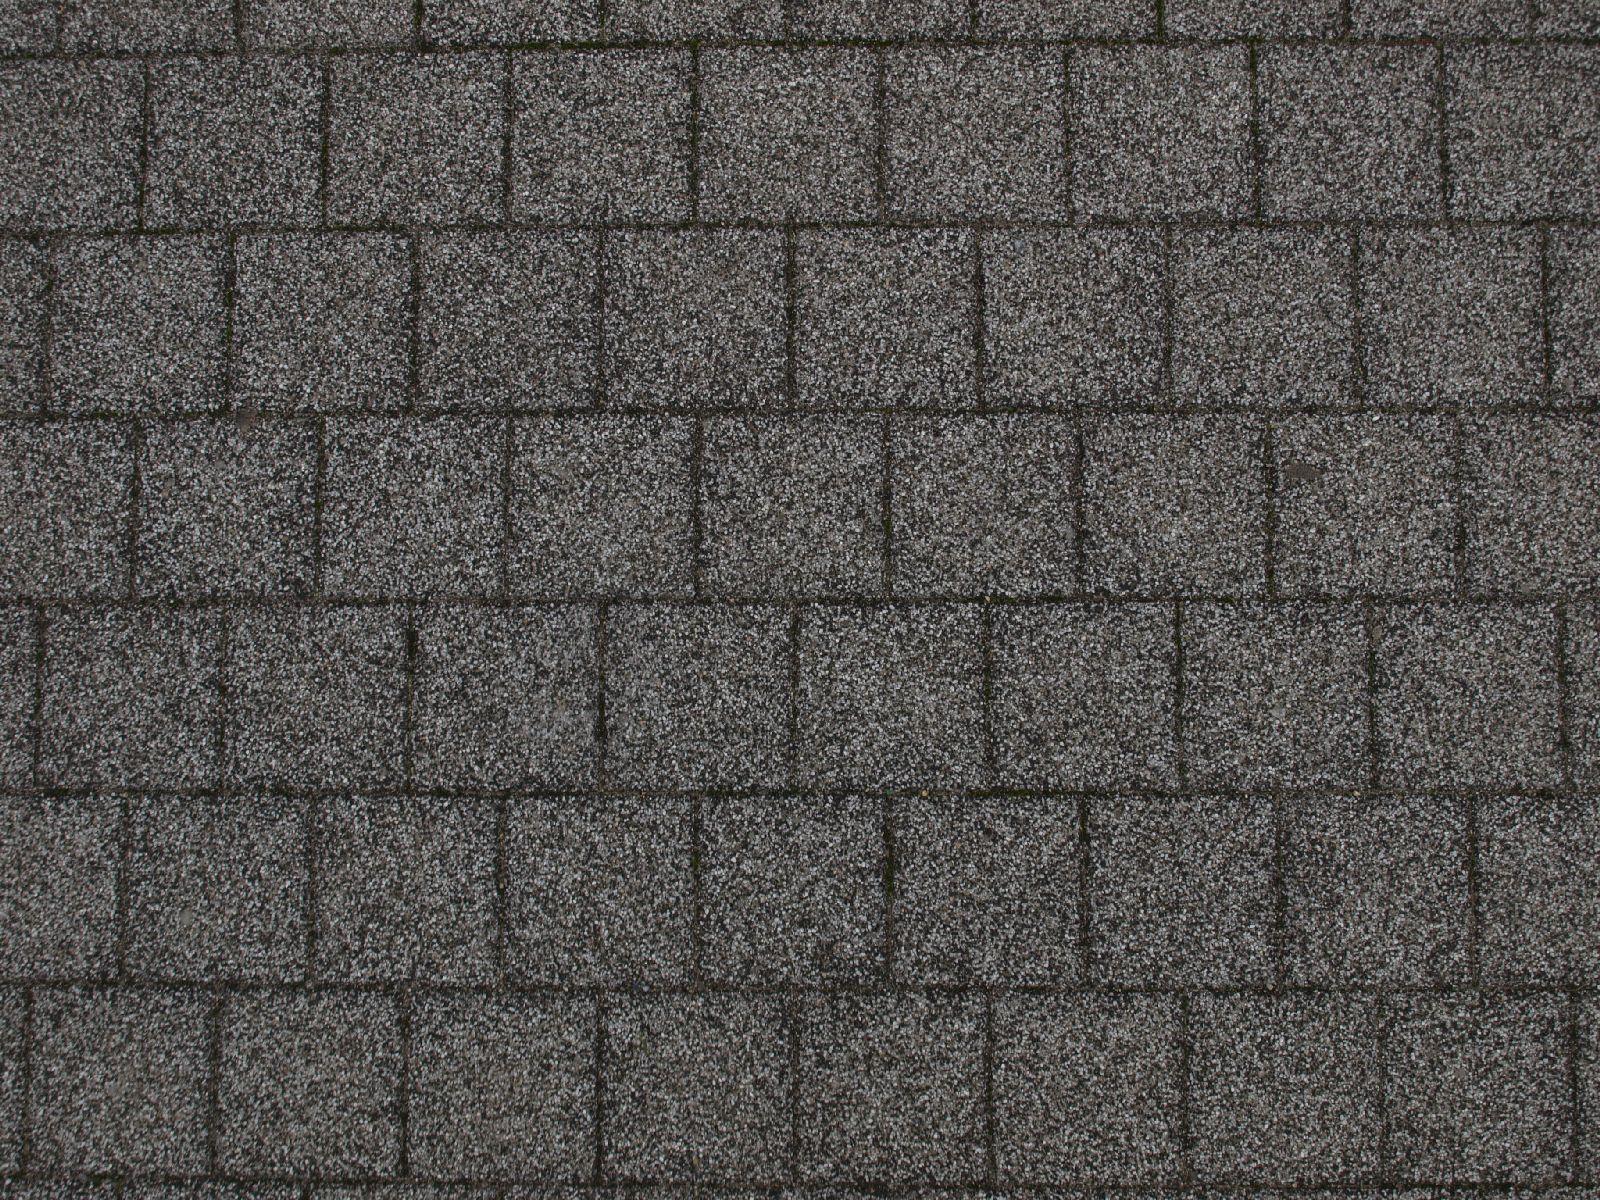 Boden-Gehweg-Strasse-Buergersteig-Textur_A_PC011333